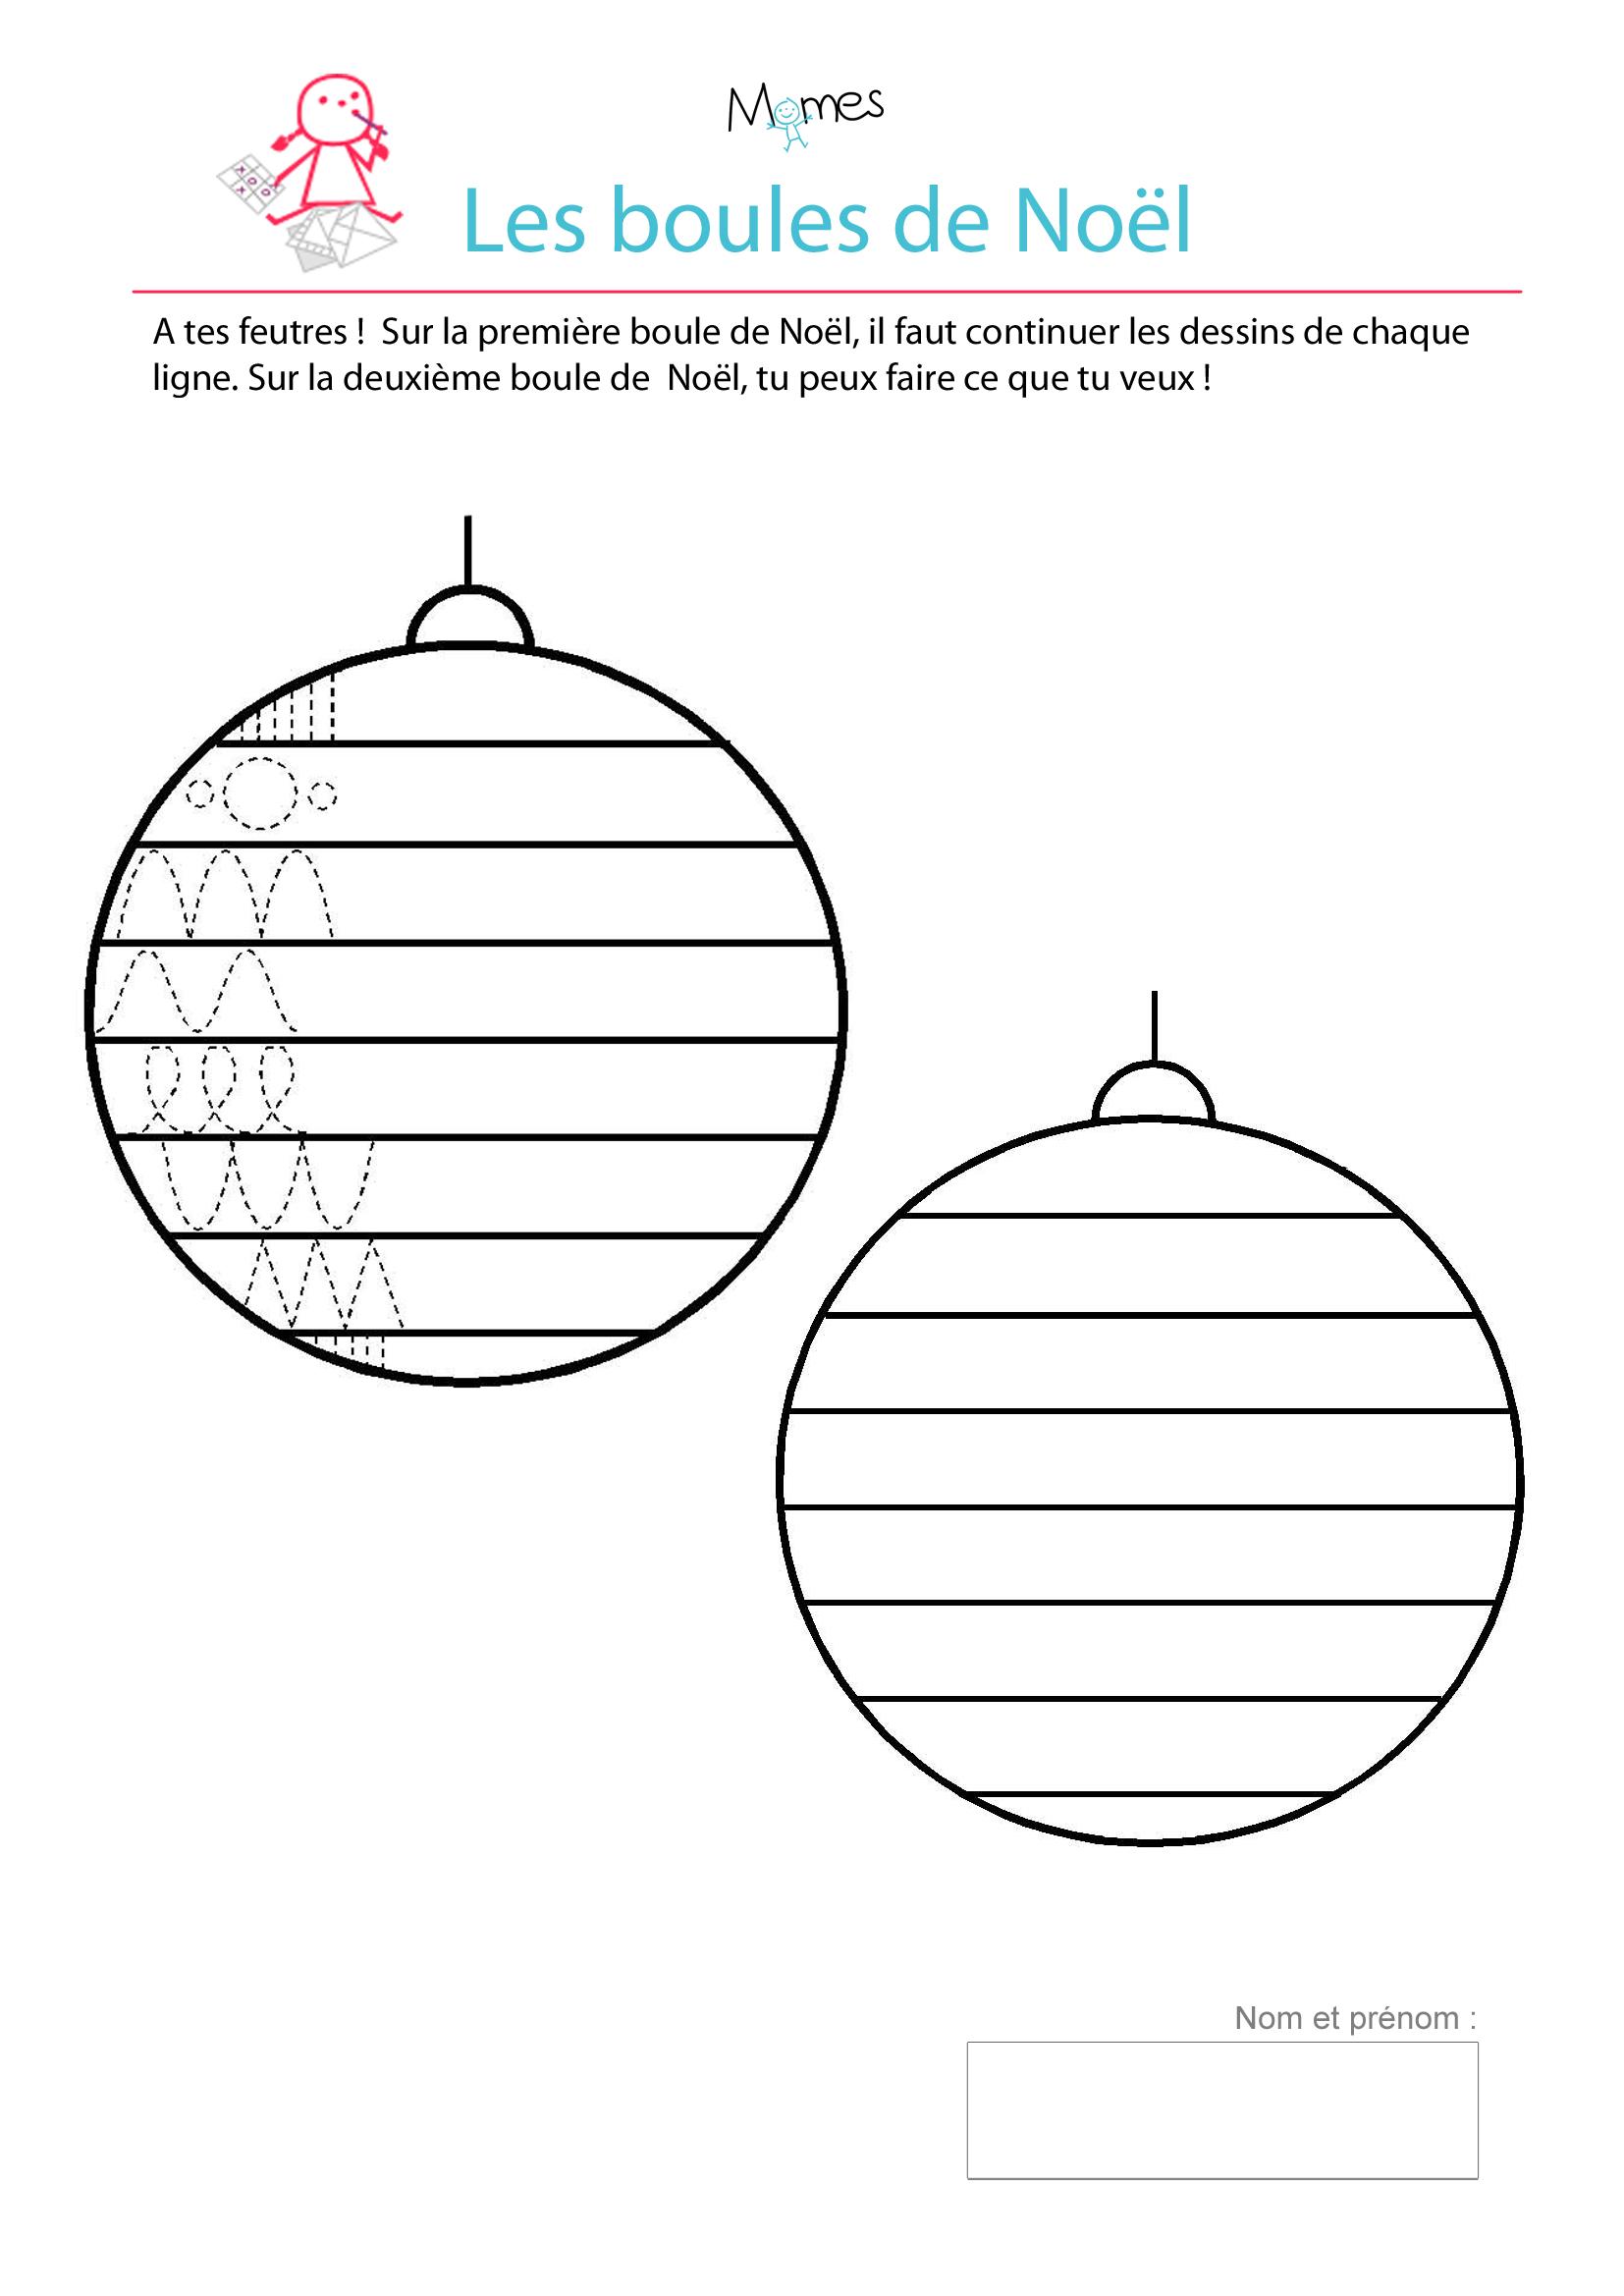 Décore les boules de Noël - Exercice de tracé